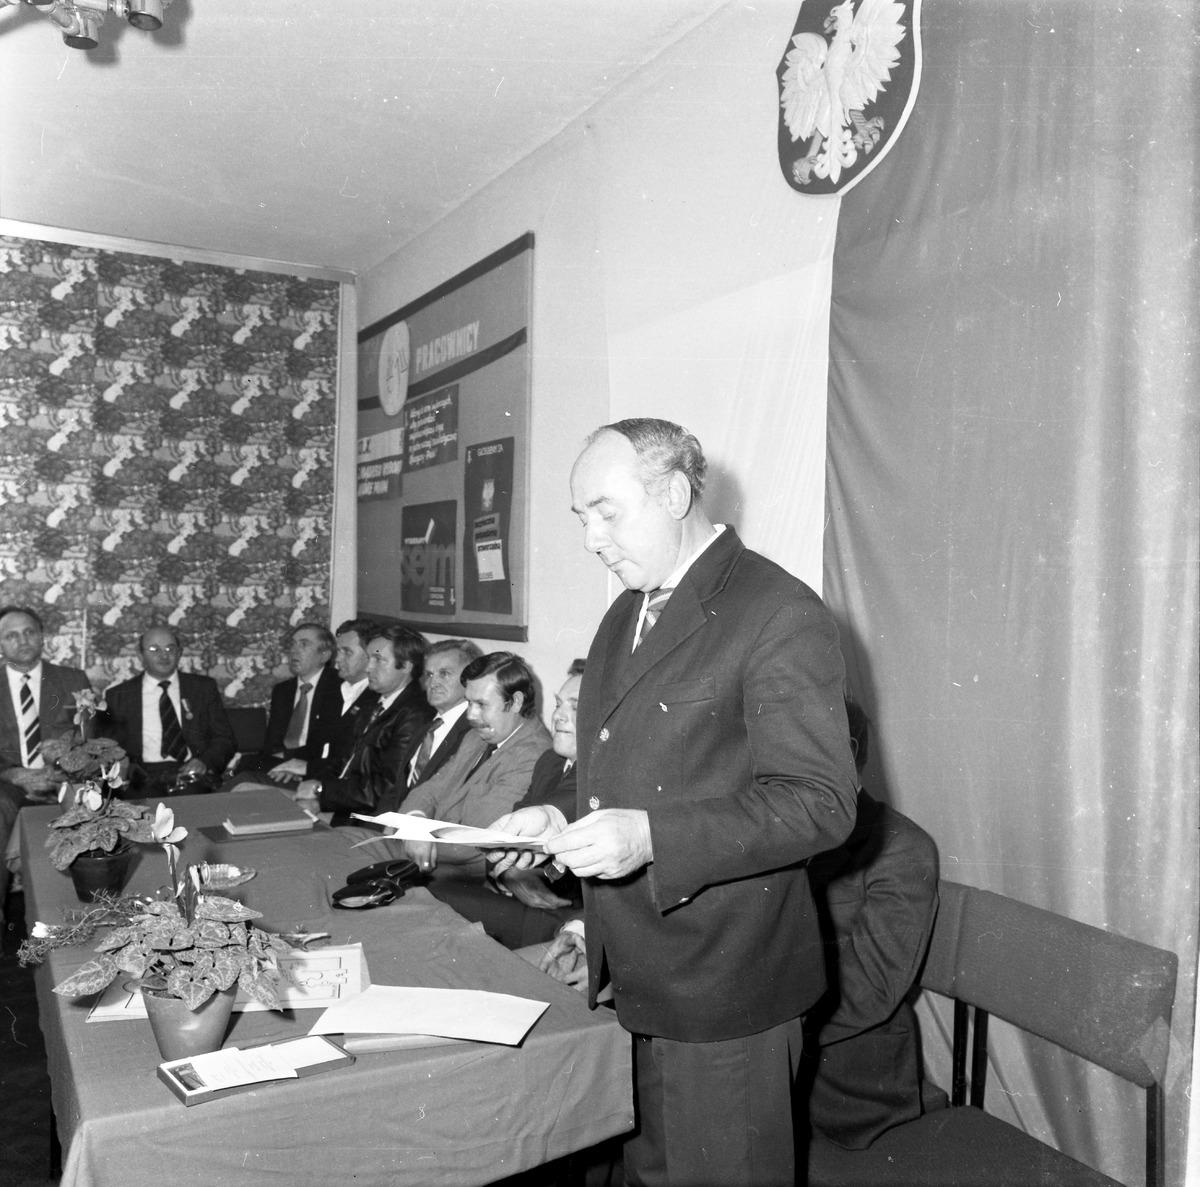 Spotkanie jubileuszowe w Mleczarni, 1985 r. [9]